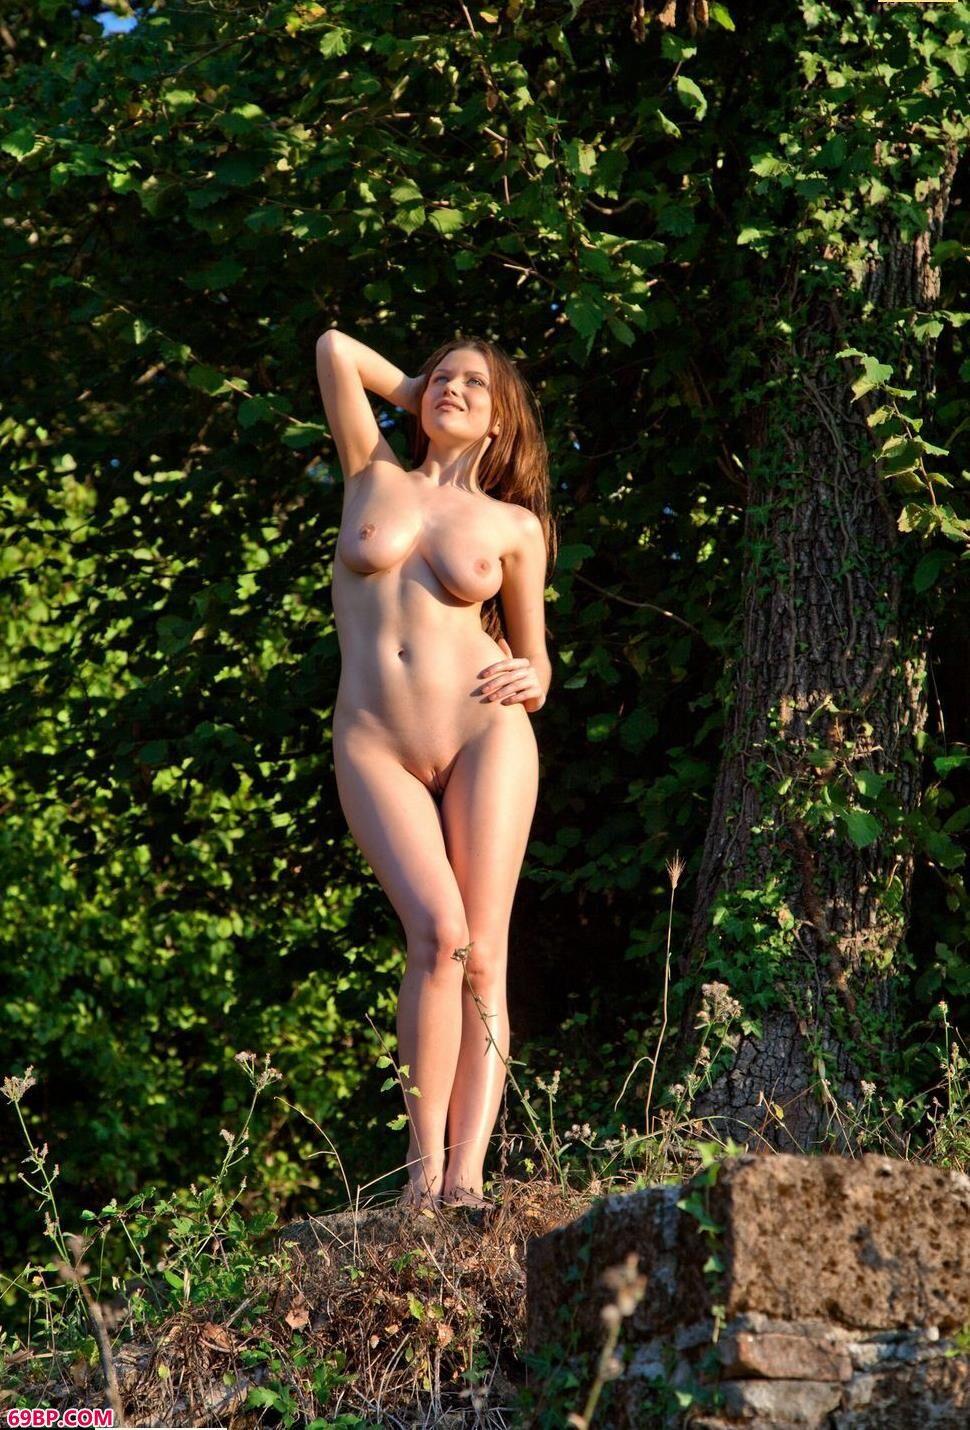 山丘上的人体嫩模Marjana_欧美40老熟妇